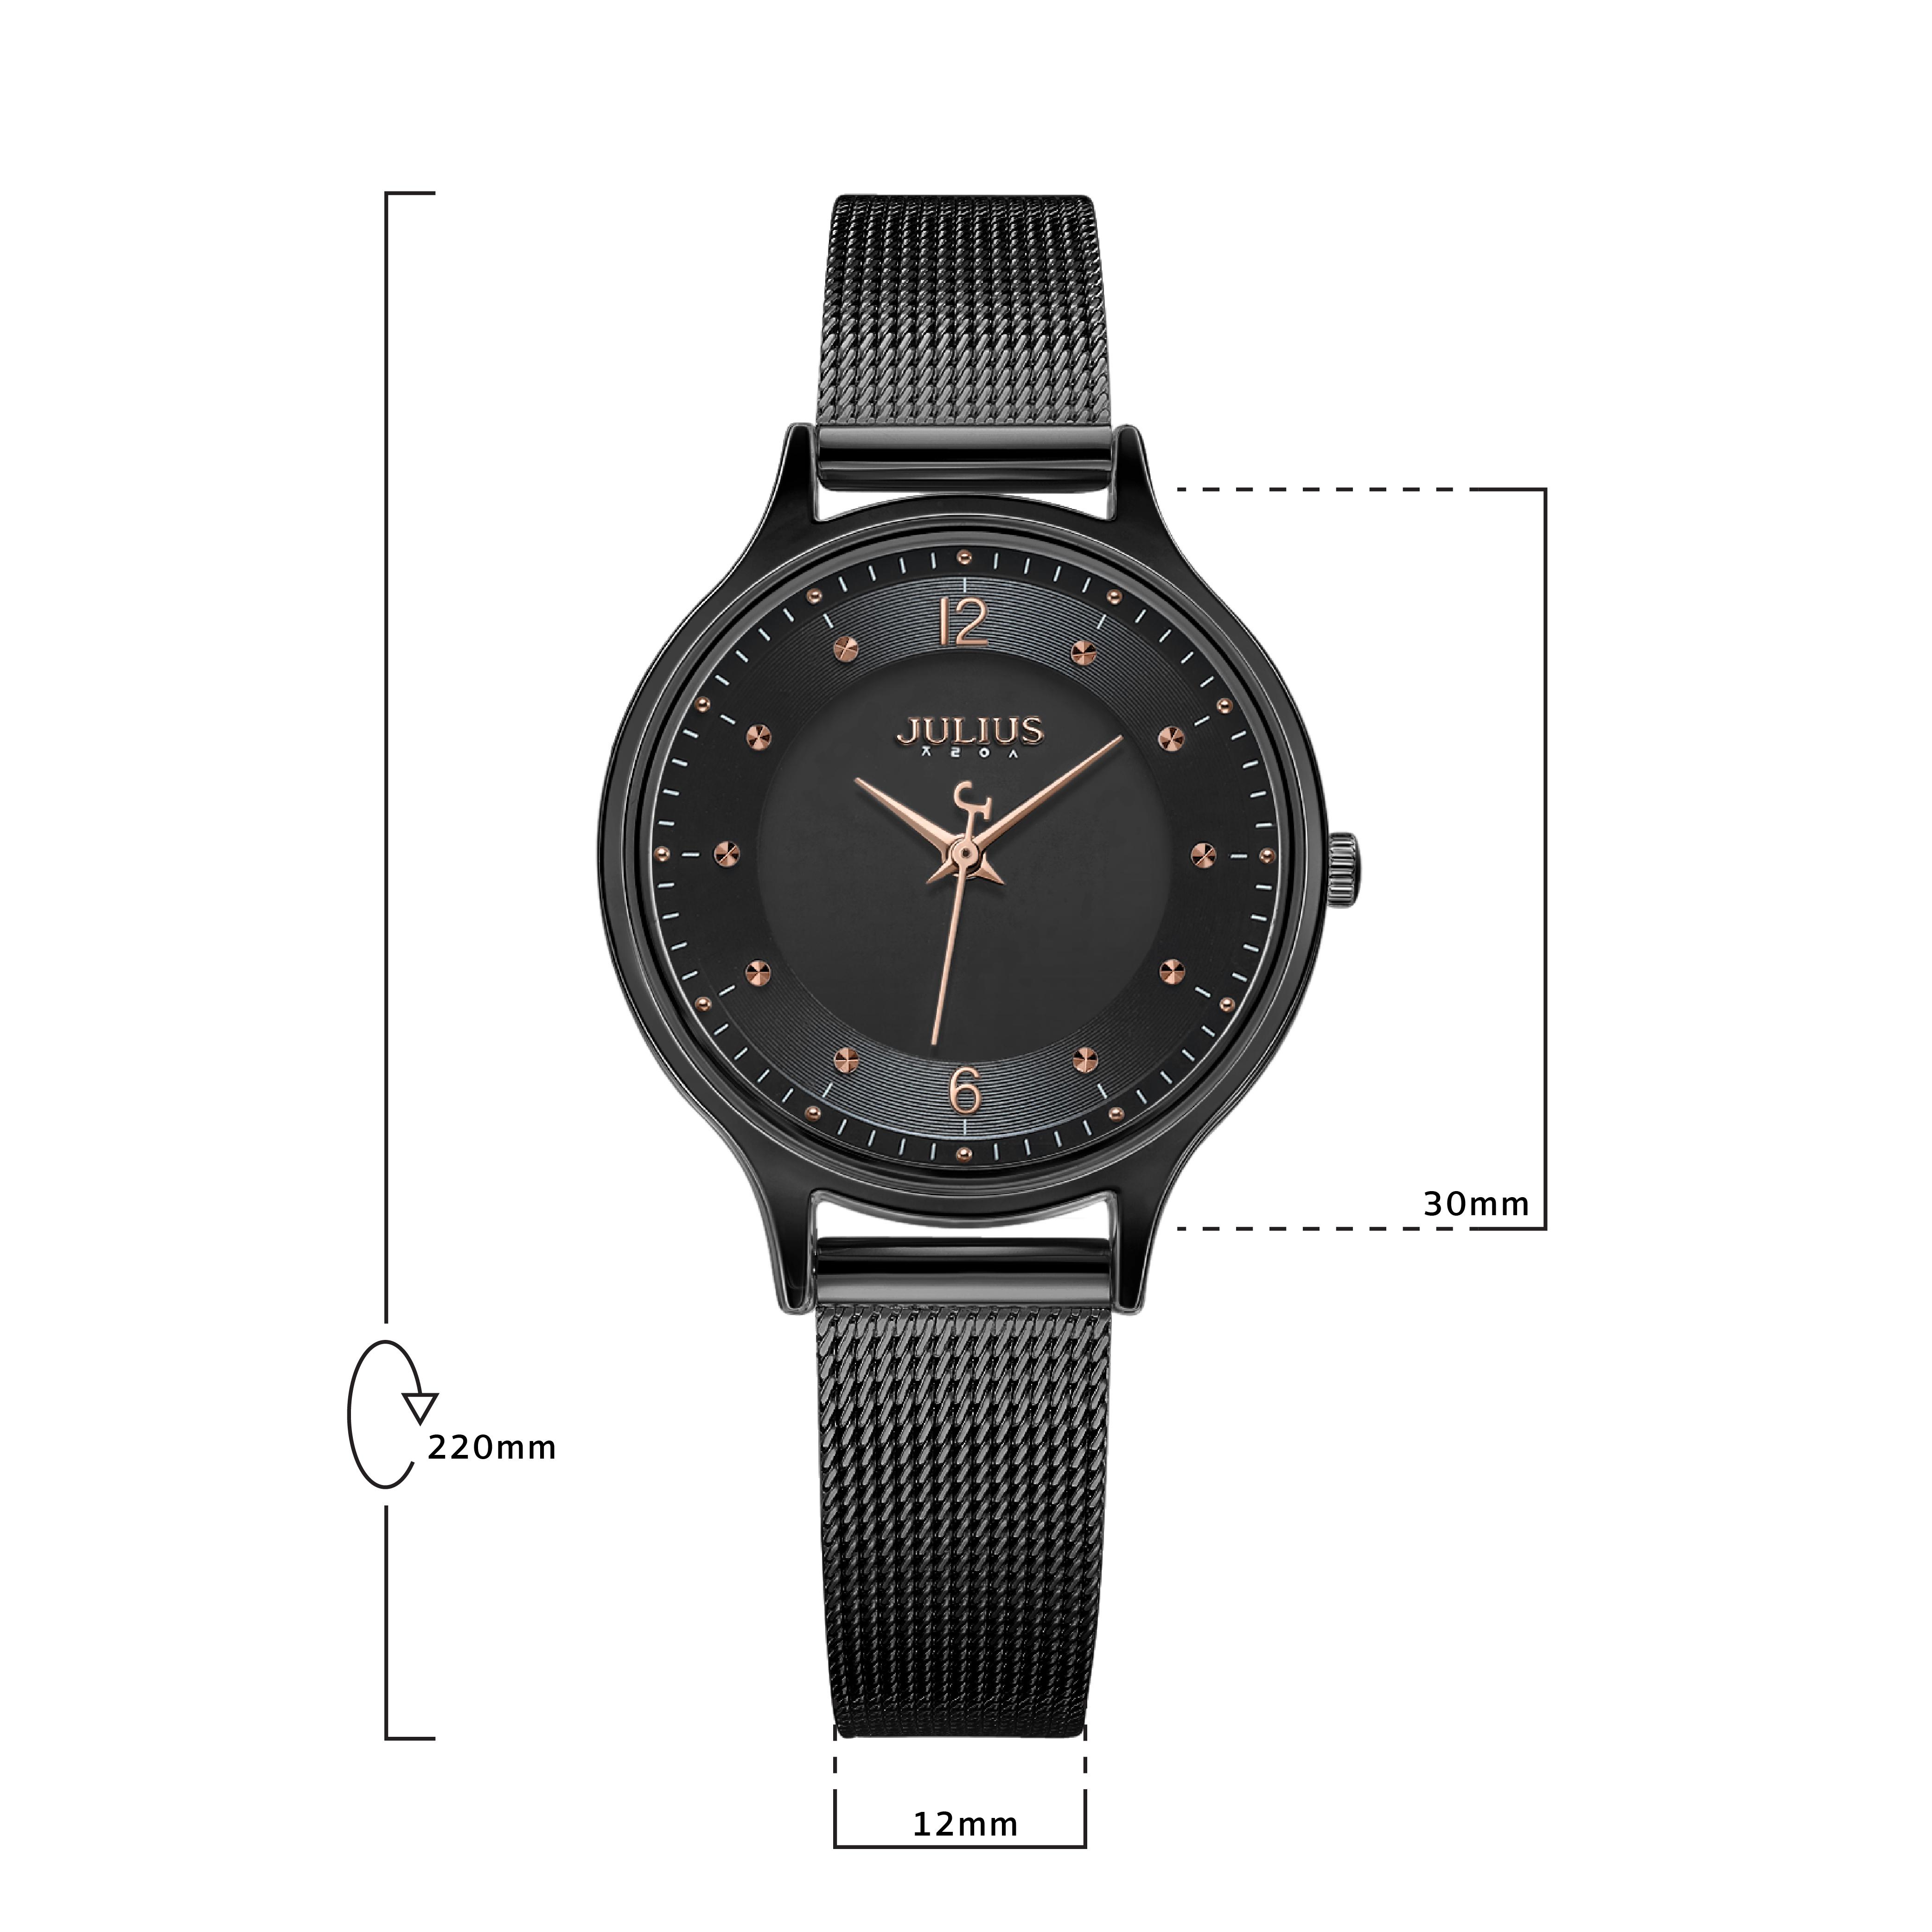 นาฬิกาข้อมือผู้หญิง JULIUS JA-1060 E